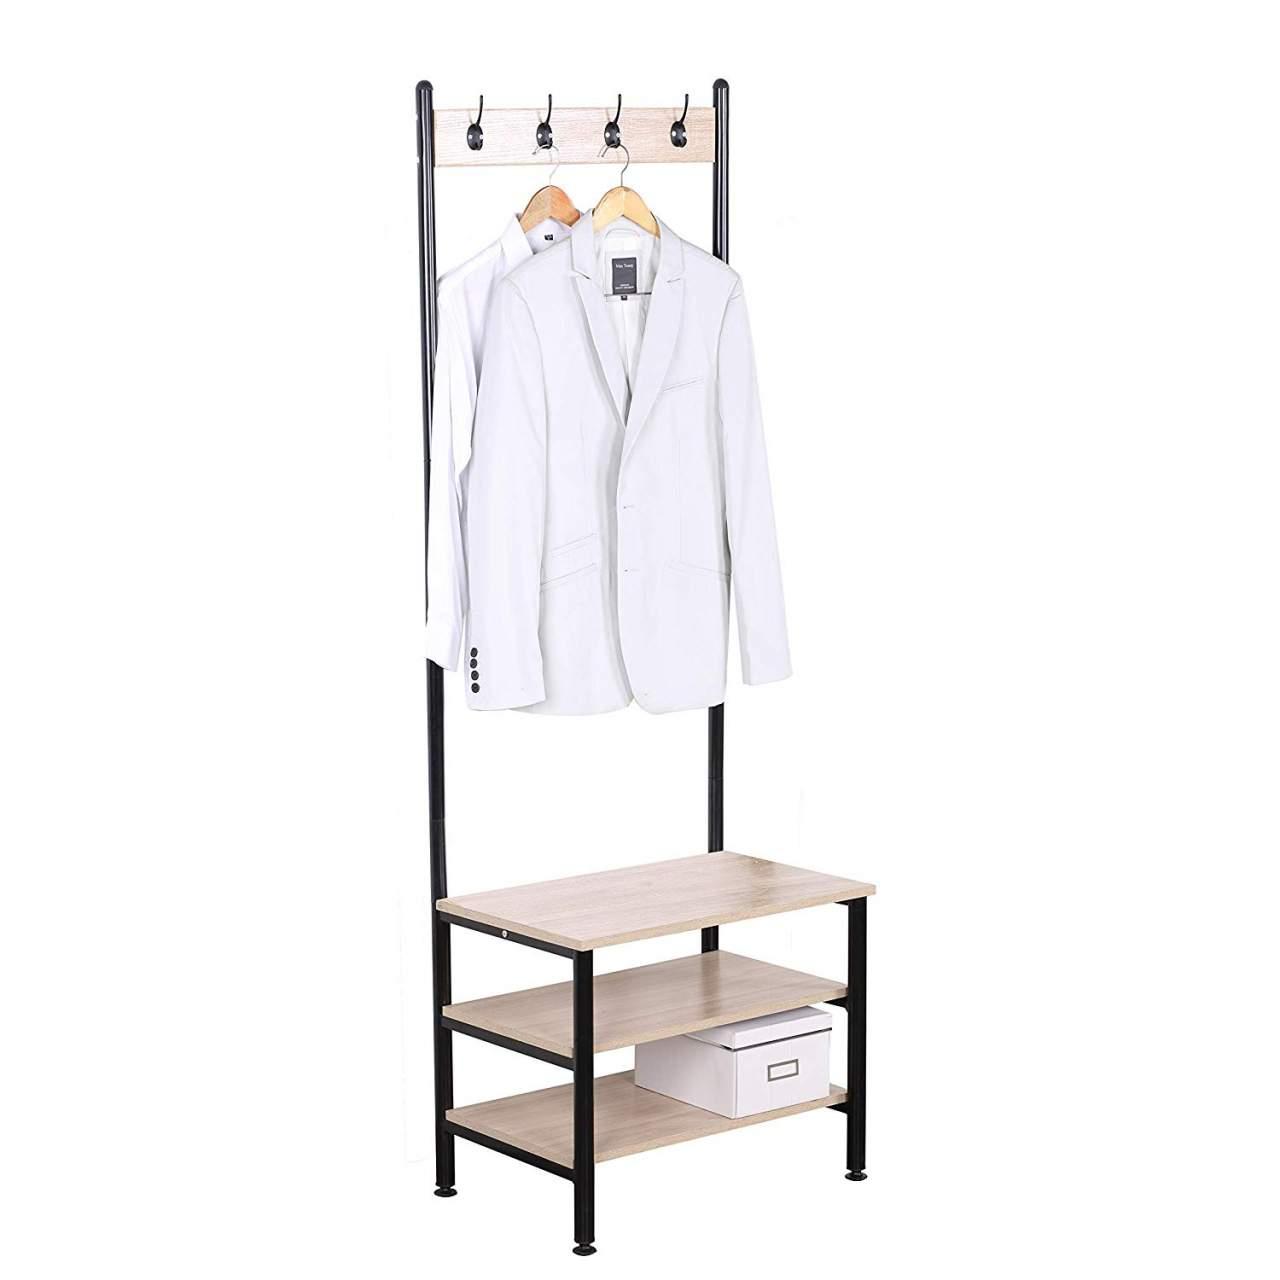 coat rack 4 hanging hooks with 3 tier wooden shoe rack storage organizer